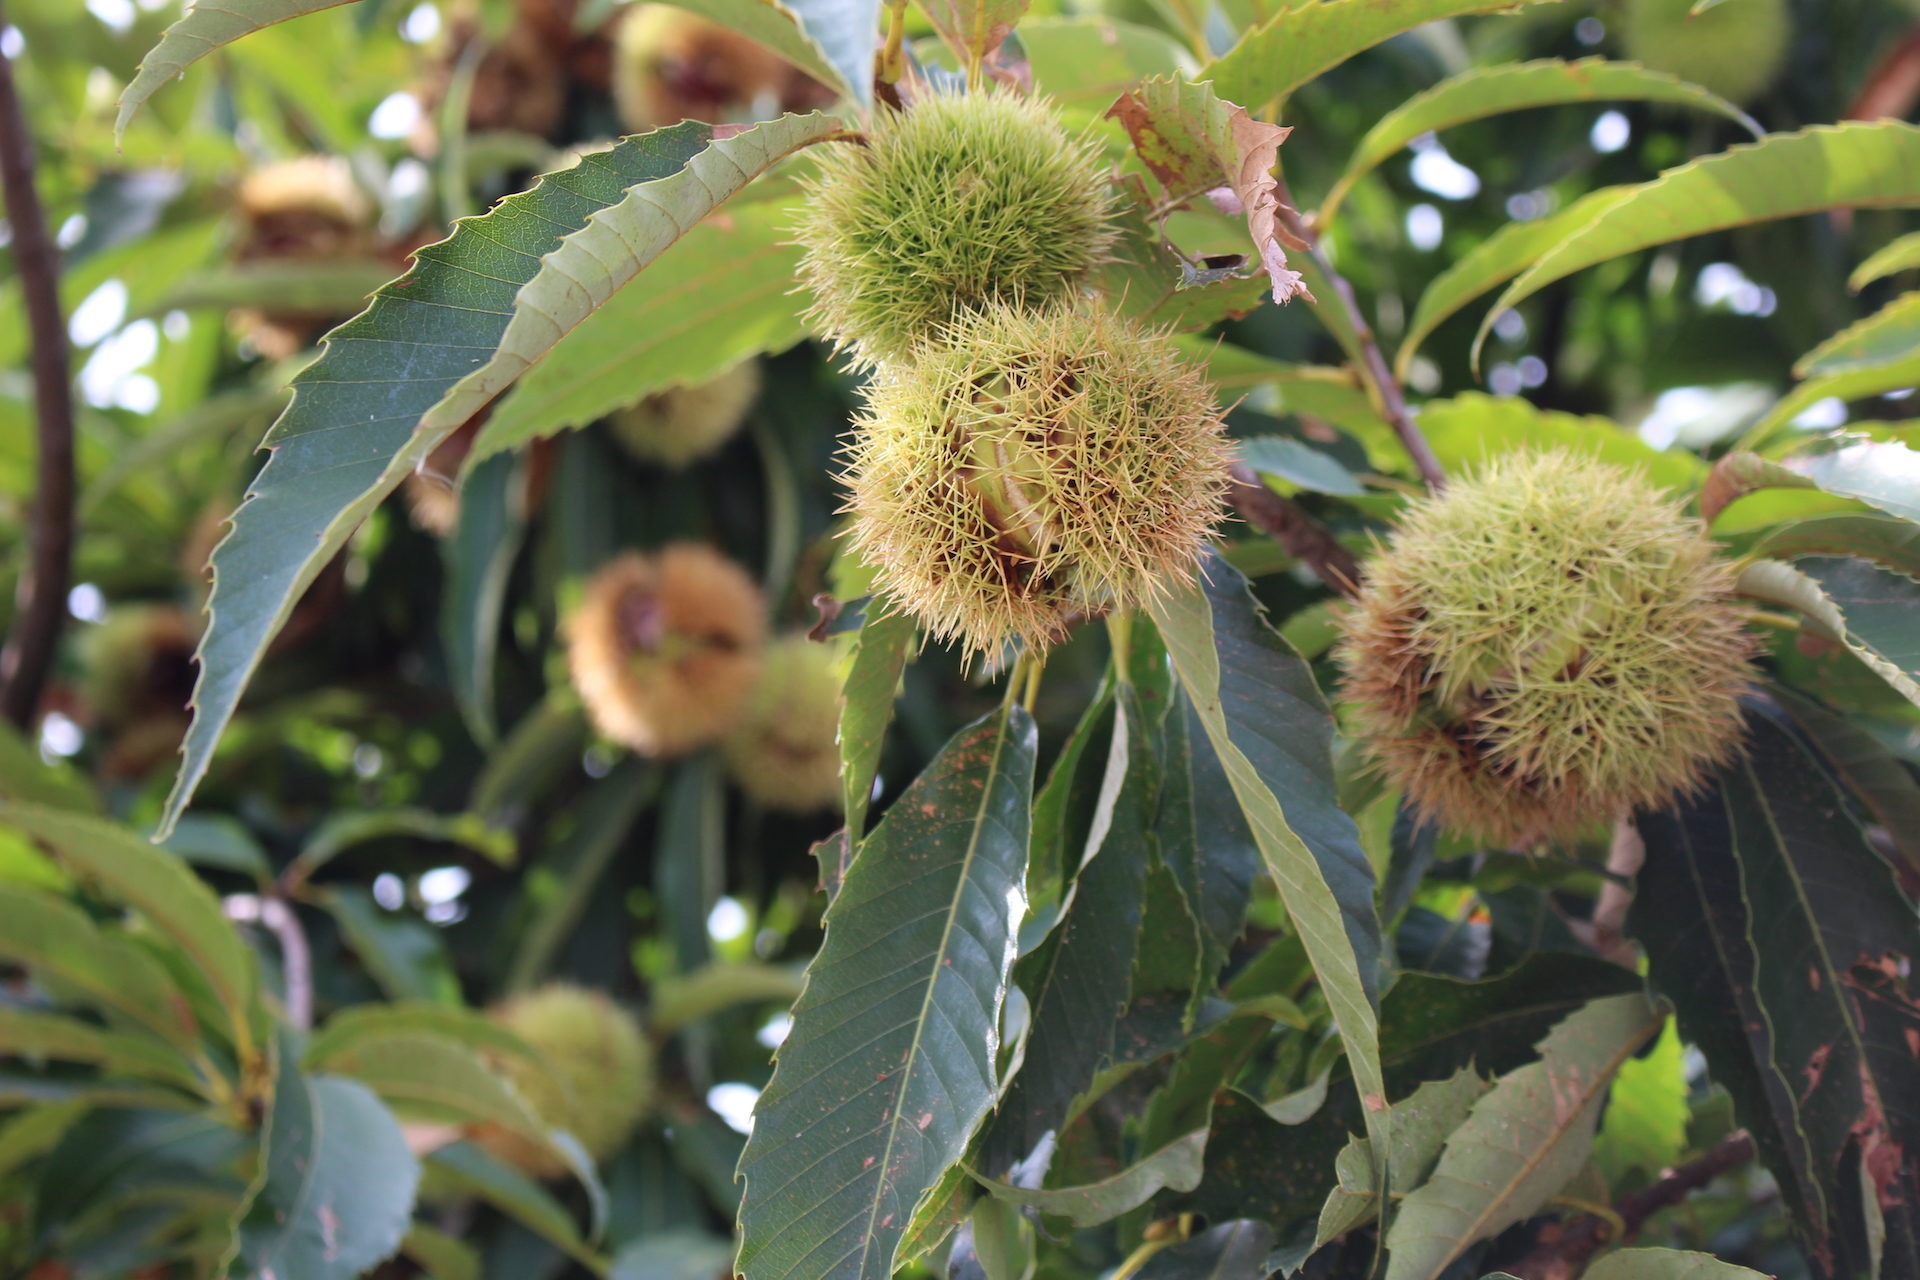 δέντρο, ισόγειο, λουλούδι, Καφέ, φρούτα - Wallpapers HD - Professor-falken.com